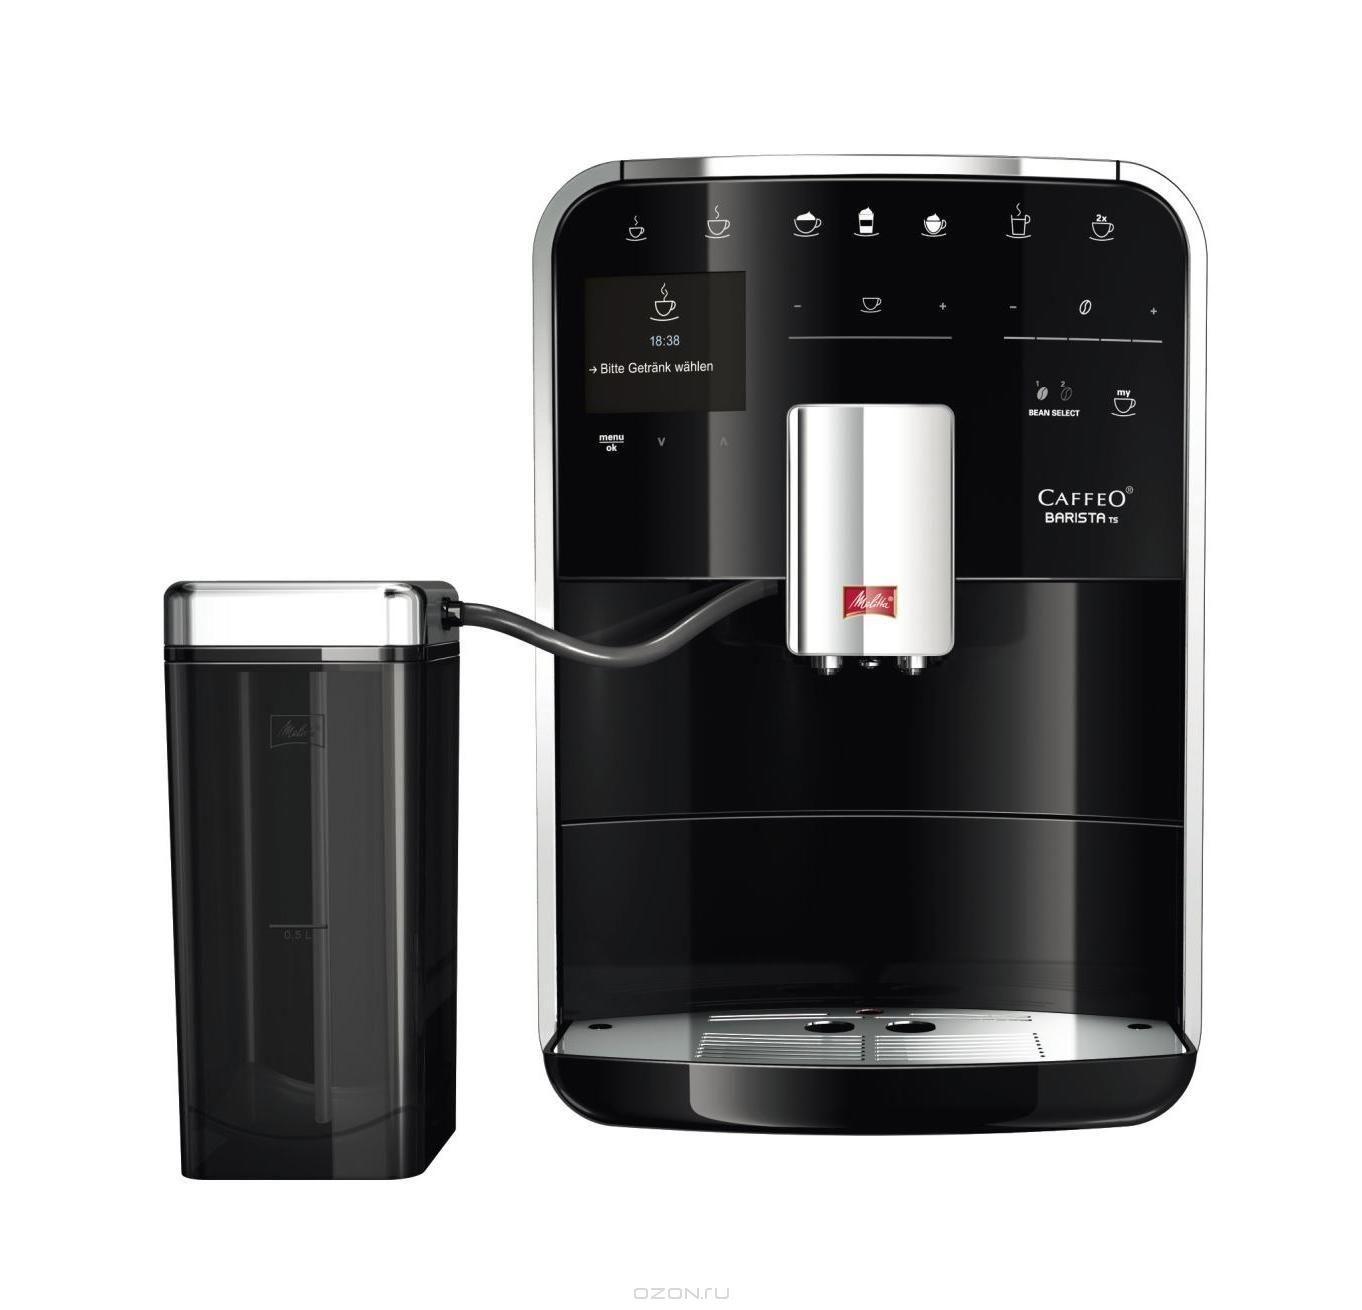 Кофемашина Melitta а Caffeo F 750-102 Barista TS, Black